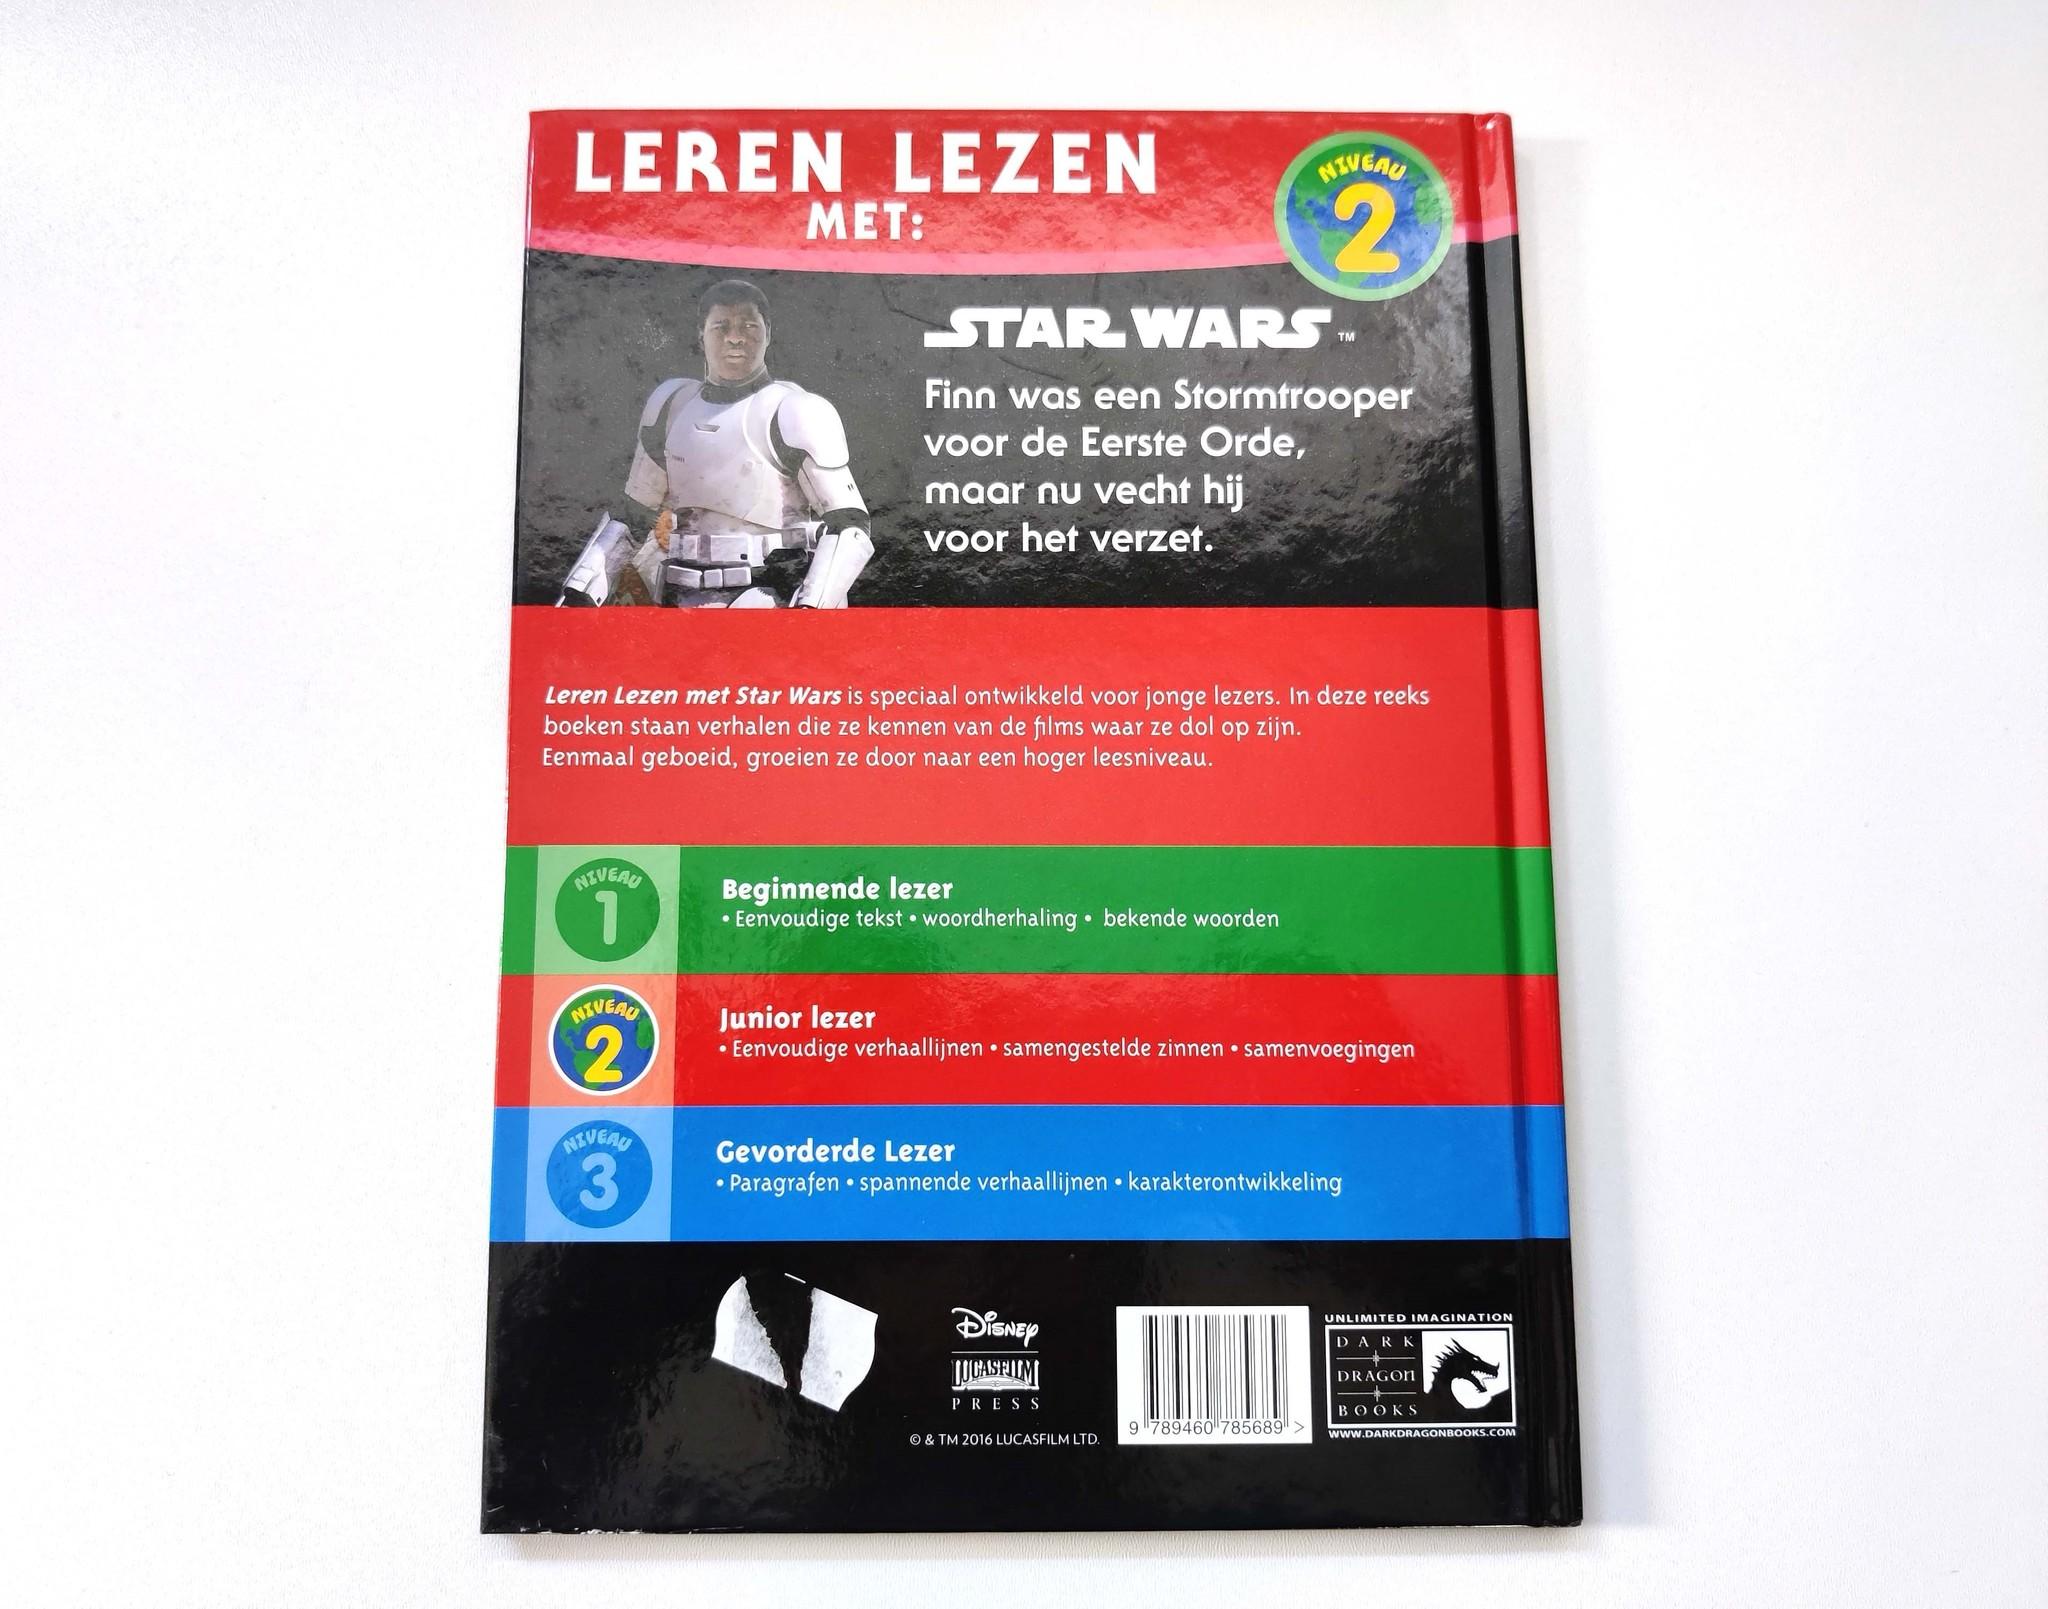 Leren lezen met Star Wars: de strijd van Finn-2